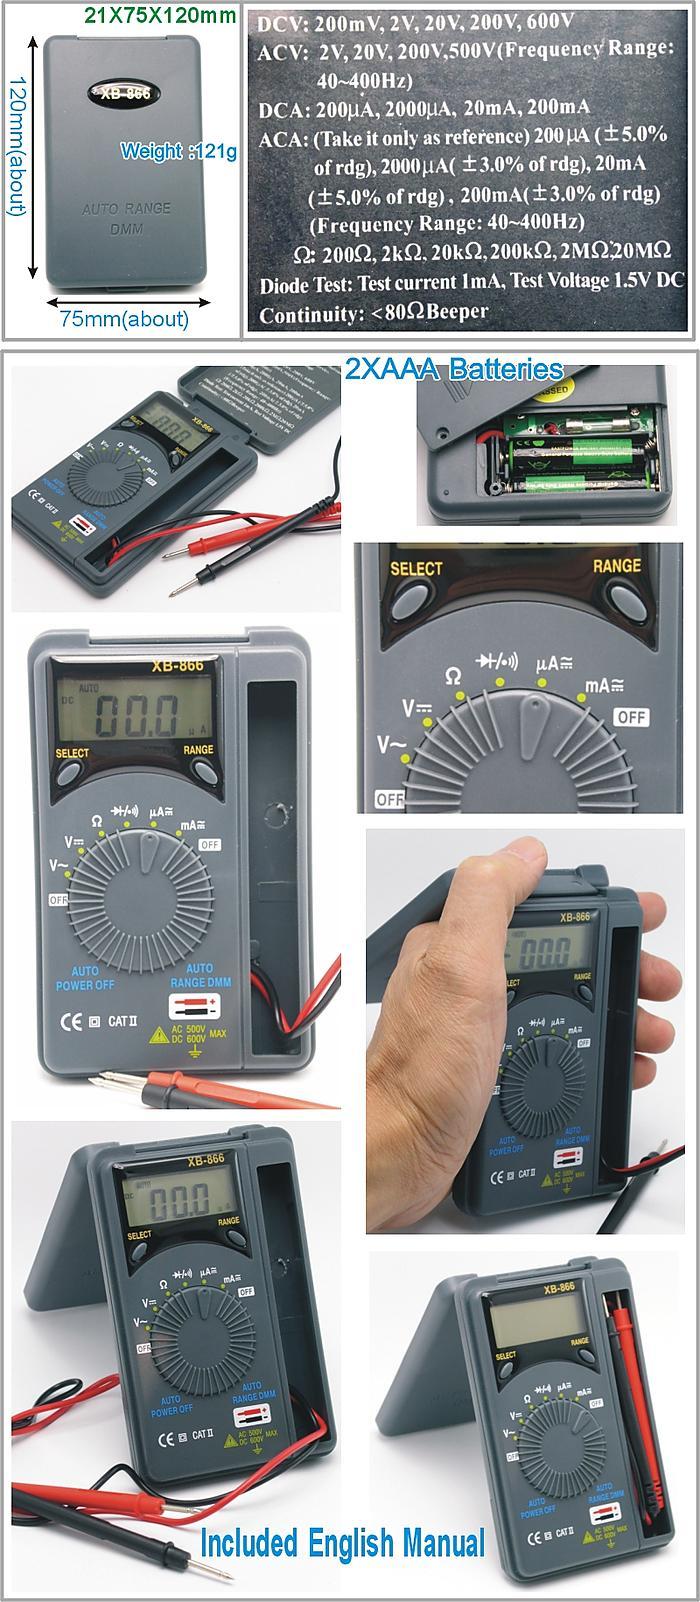 staples calculator bd 6108 manual